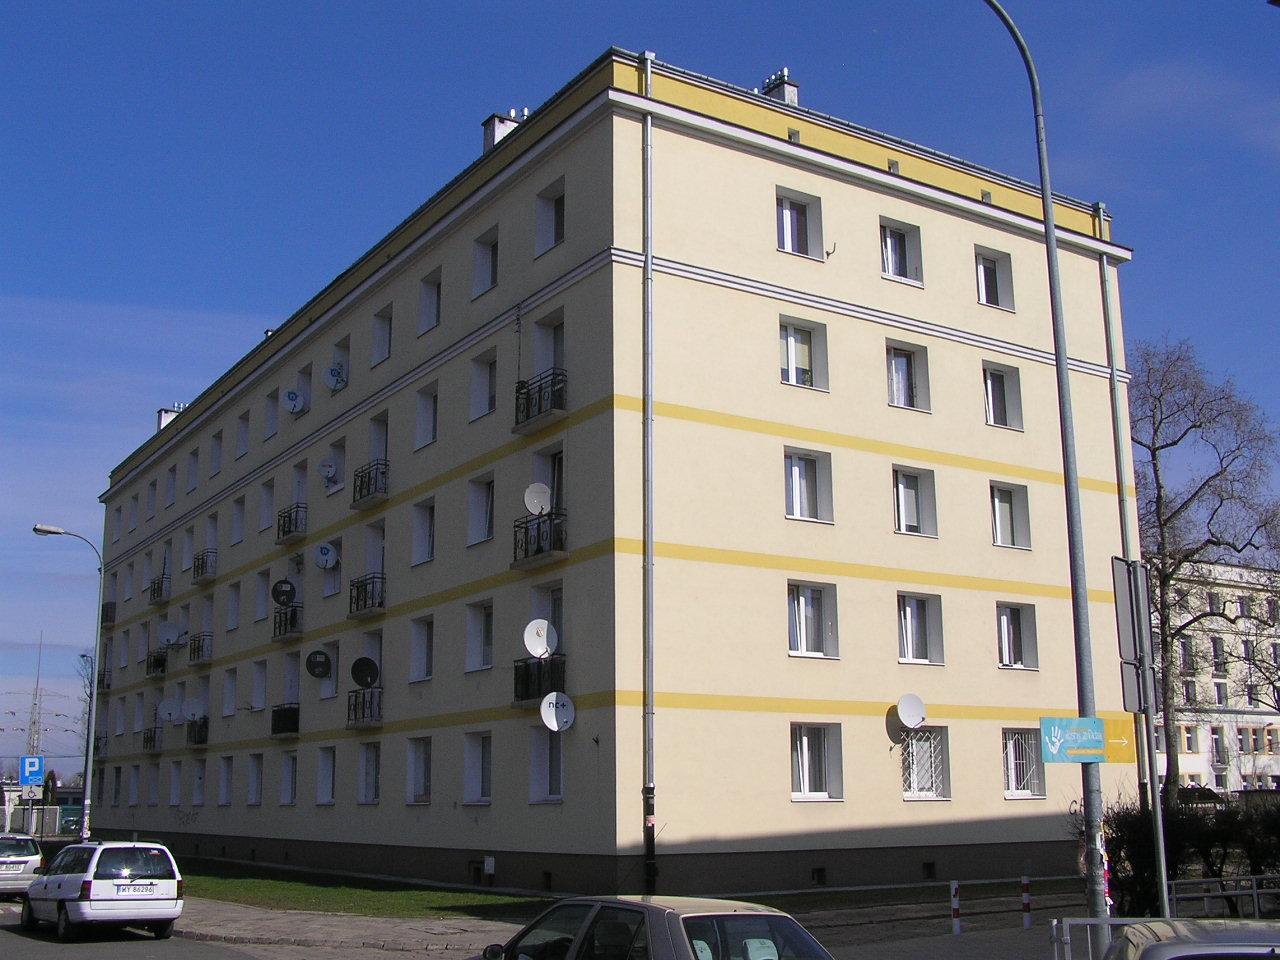 Budynek przy ulicy Siennickiej 42 na Grochowie